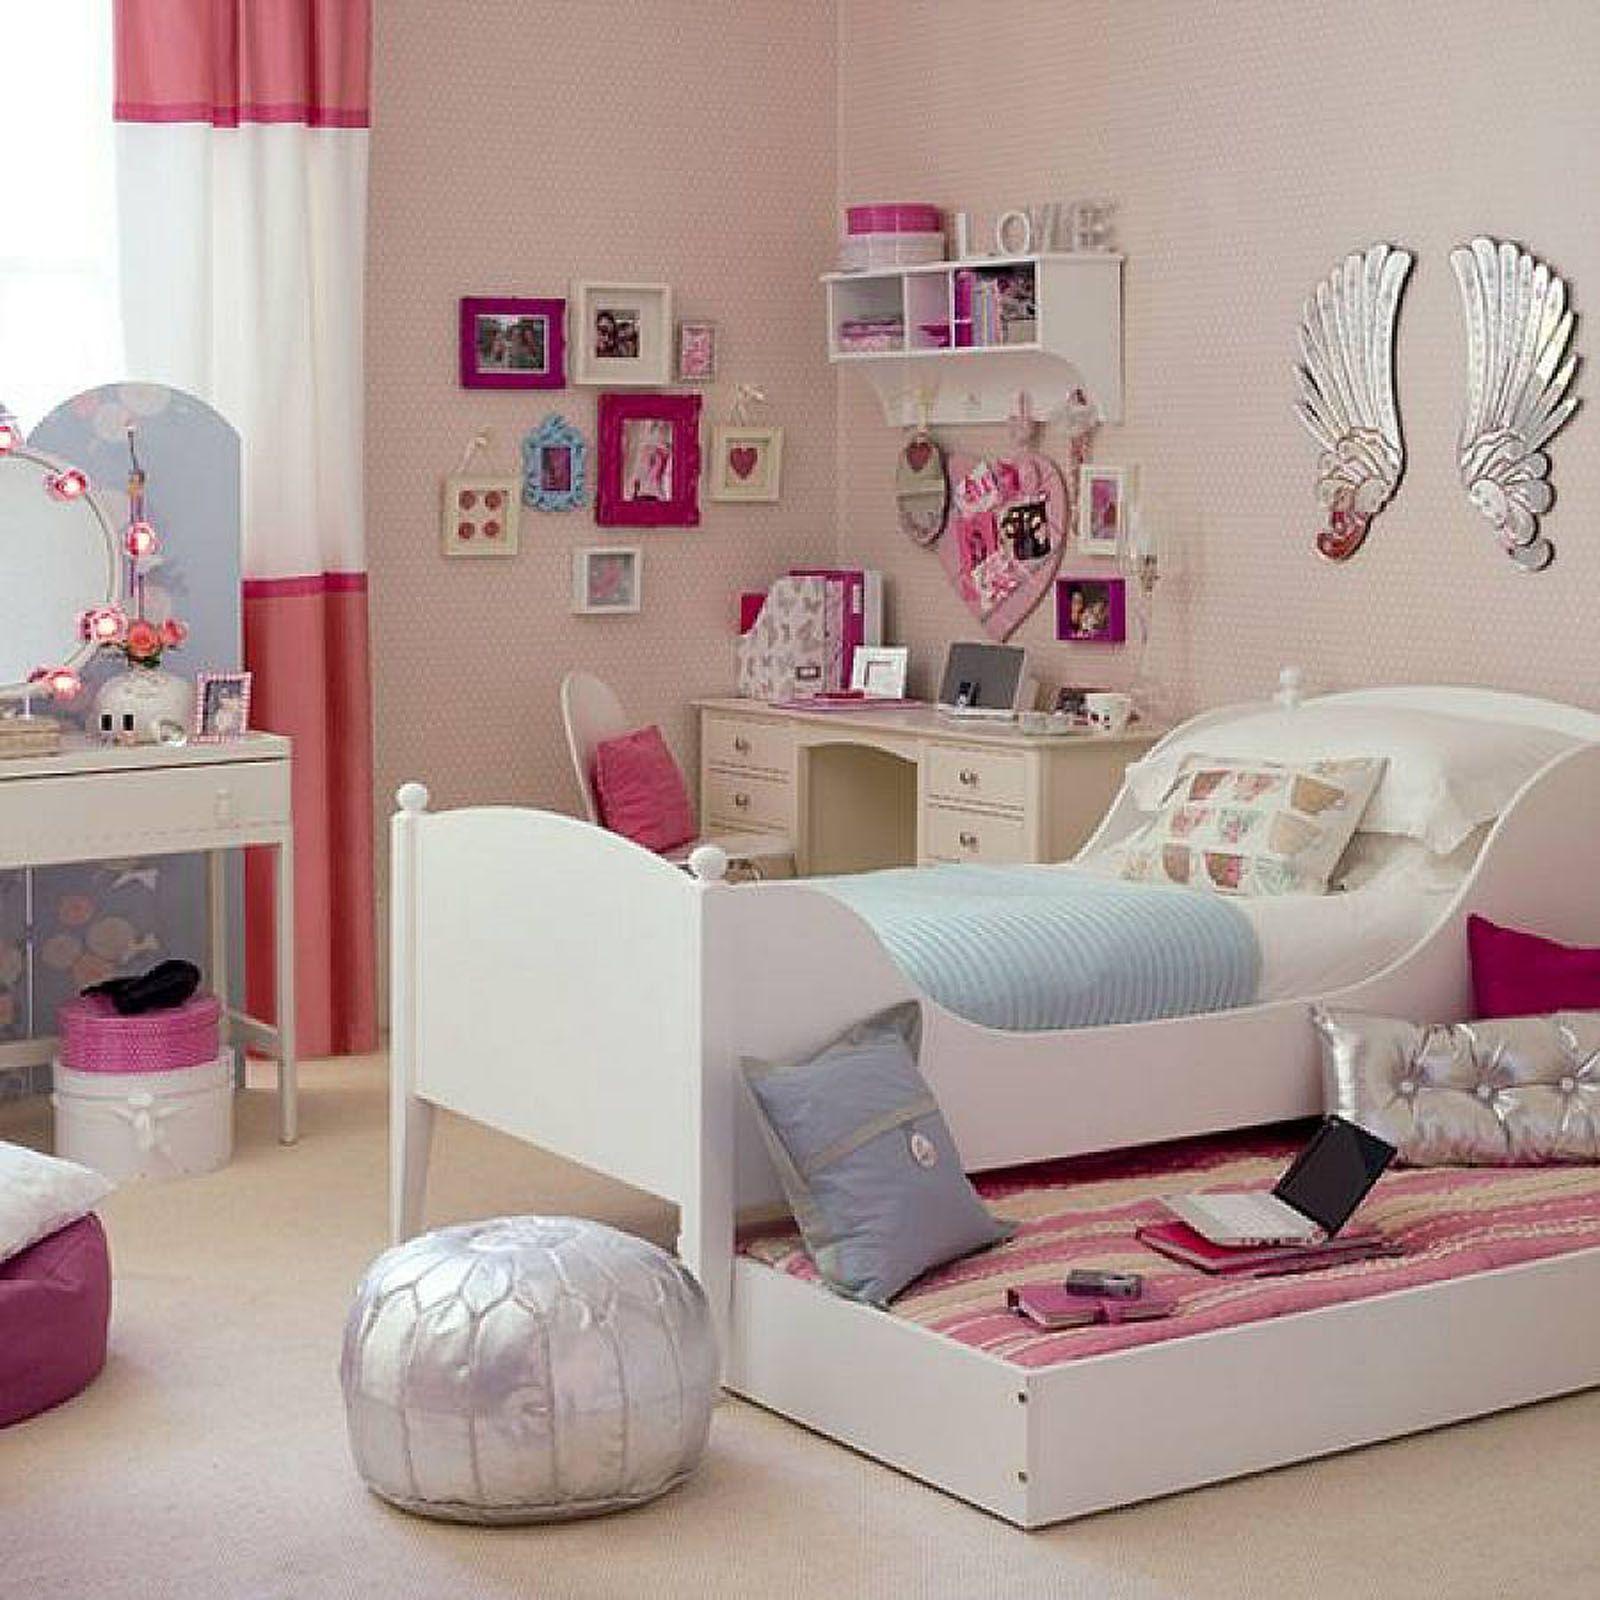 Schlafzimmer Ideen Kleine Zimmer. Pflanzen Schlafzimmer